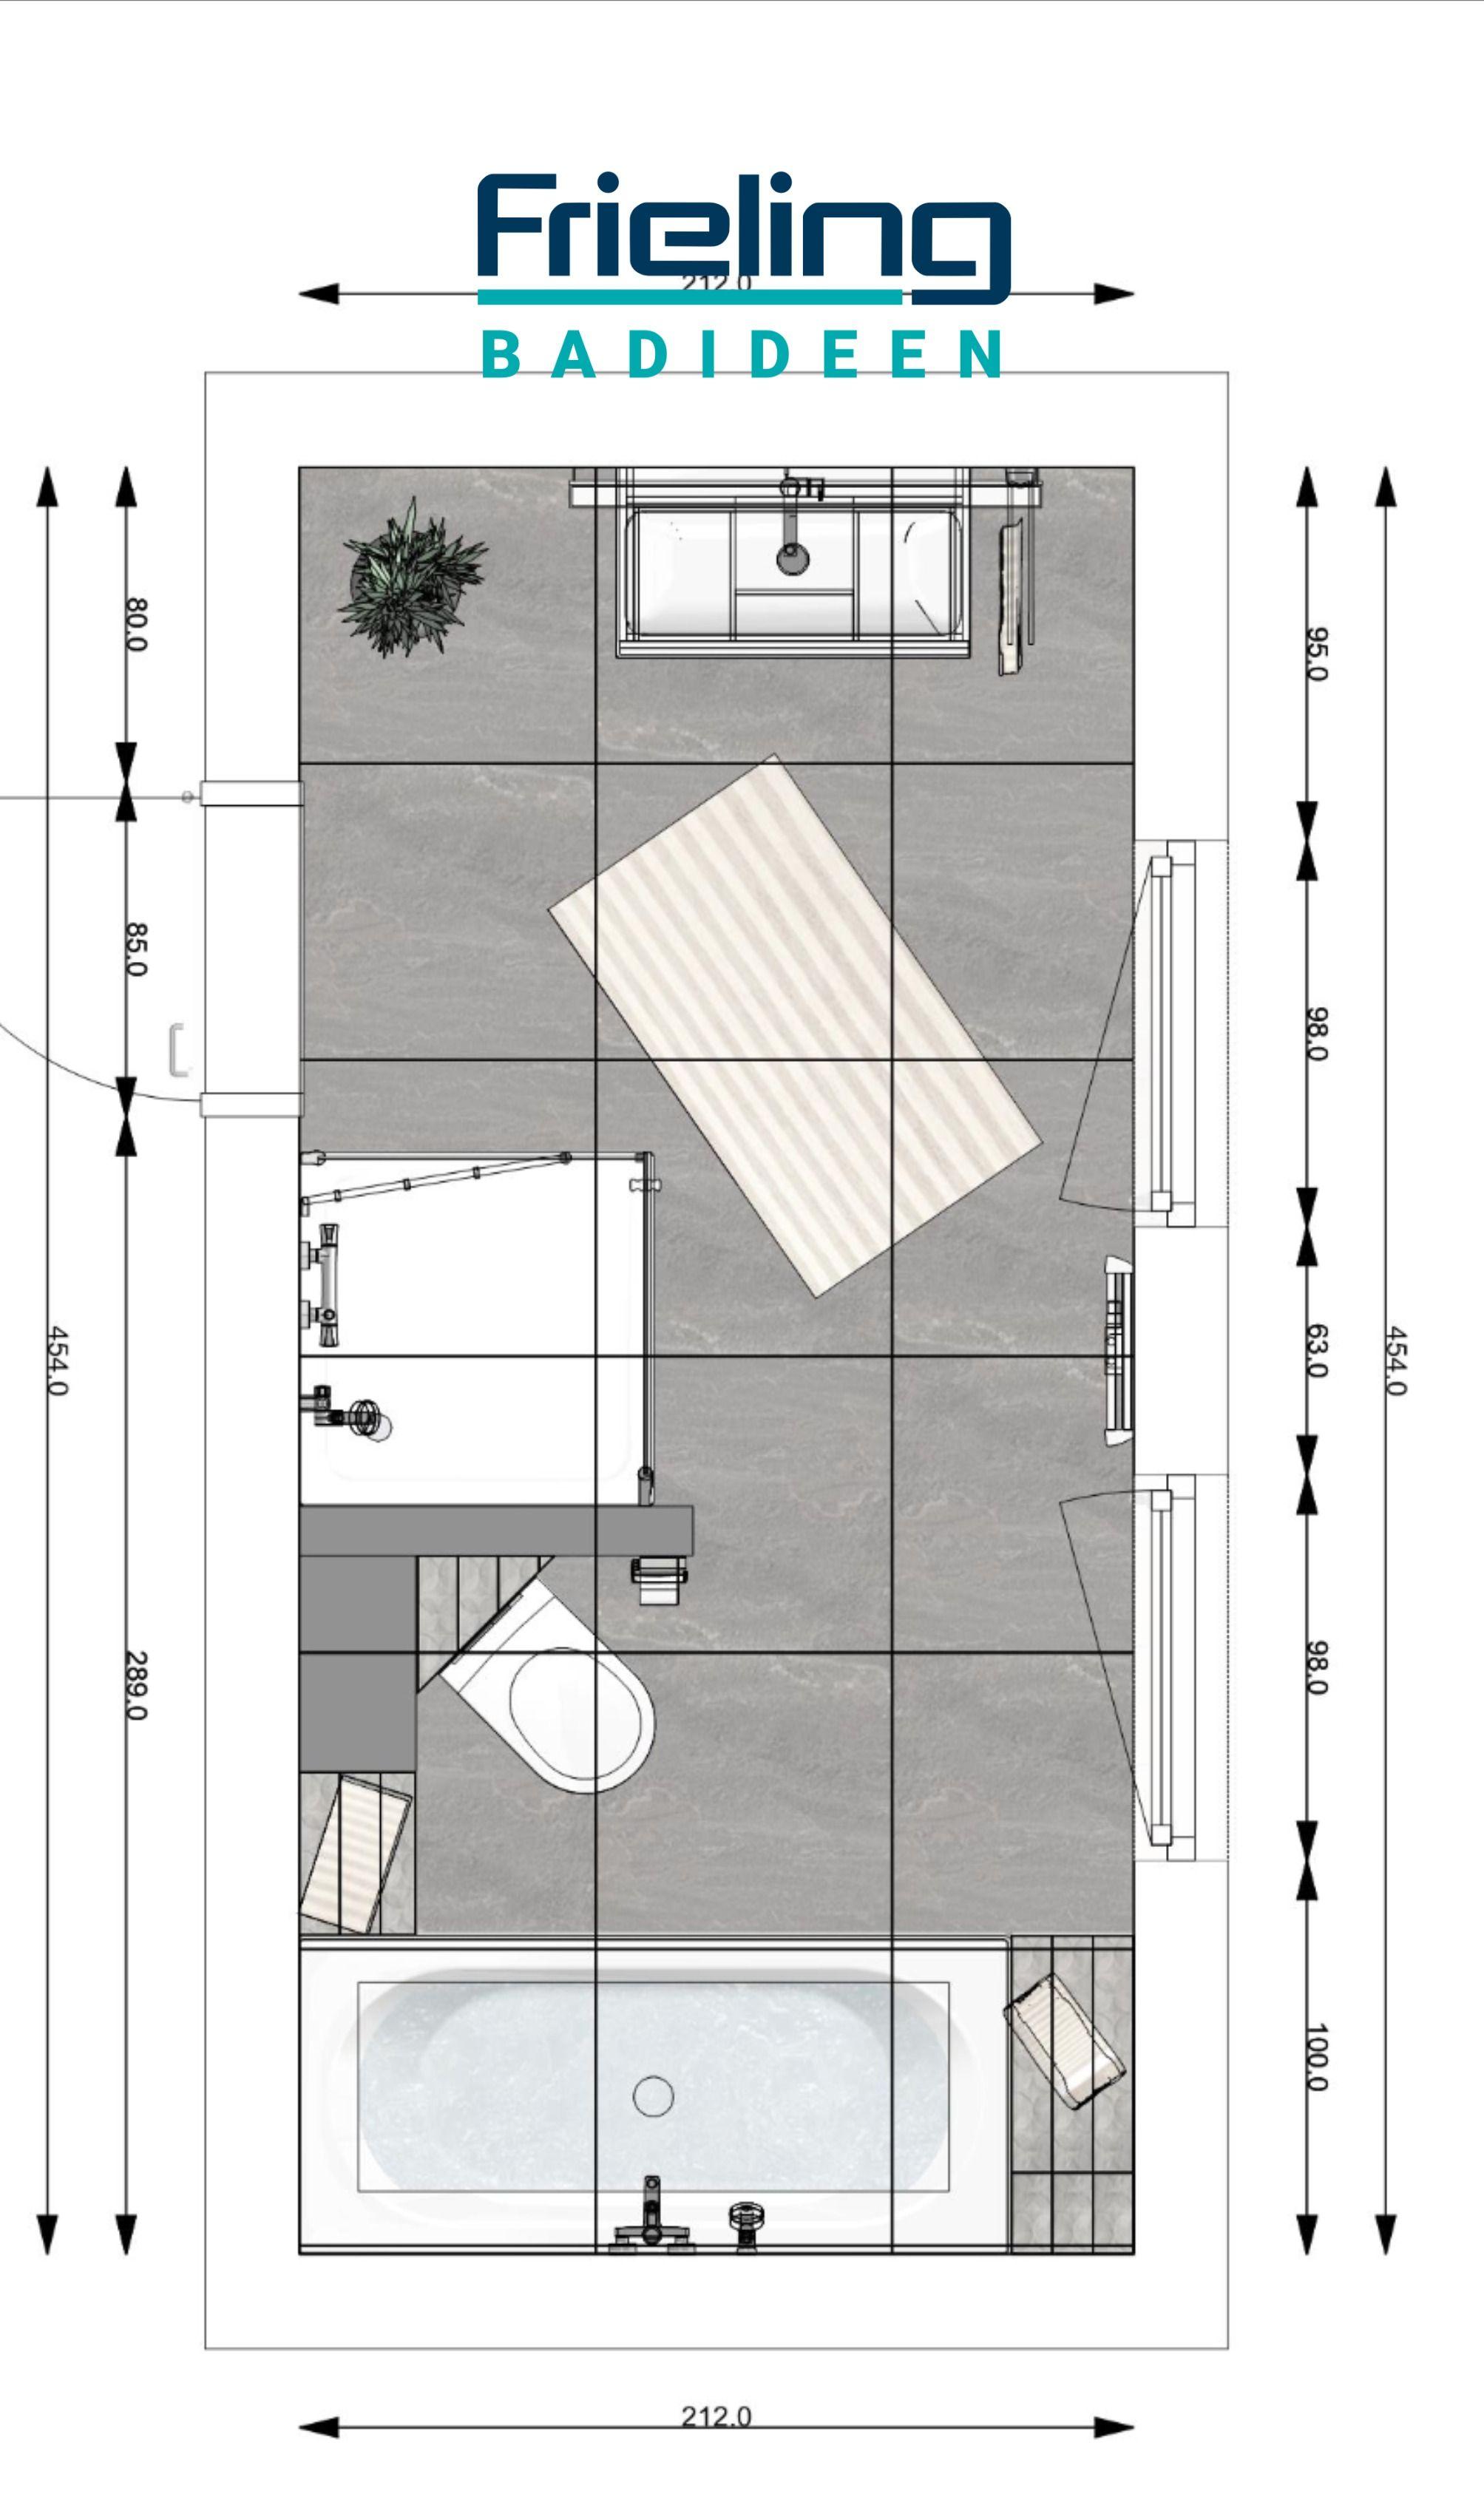 Das Bad Aus Zwei Zonen 3d Planung Vogelperspektive Mit Oder Ohne Toilette Toilette Seperat In 2020 Grosse Badezimmer Bad Badezimmer